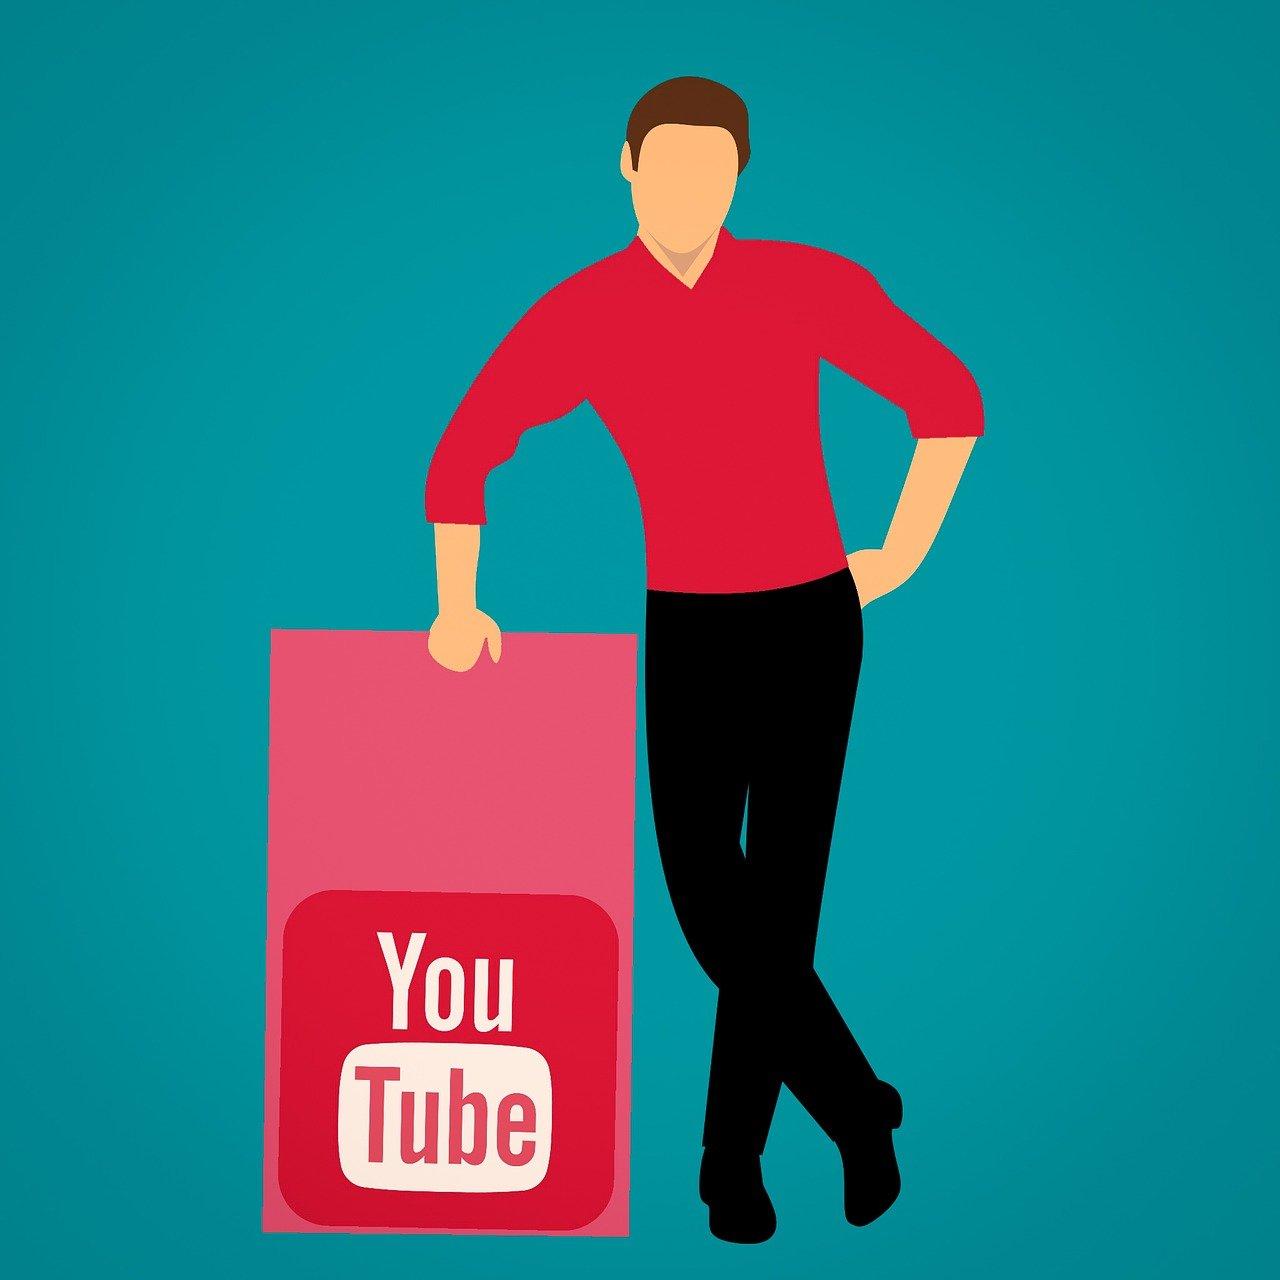 youtube, social, media-3124877.jpg